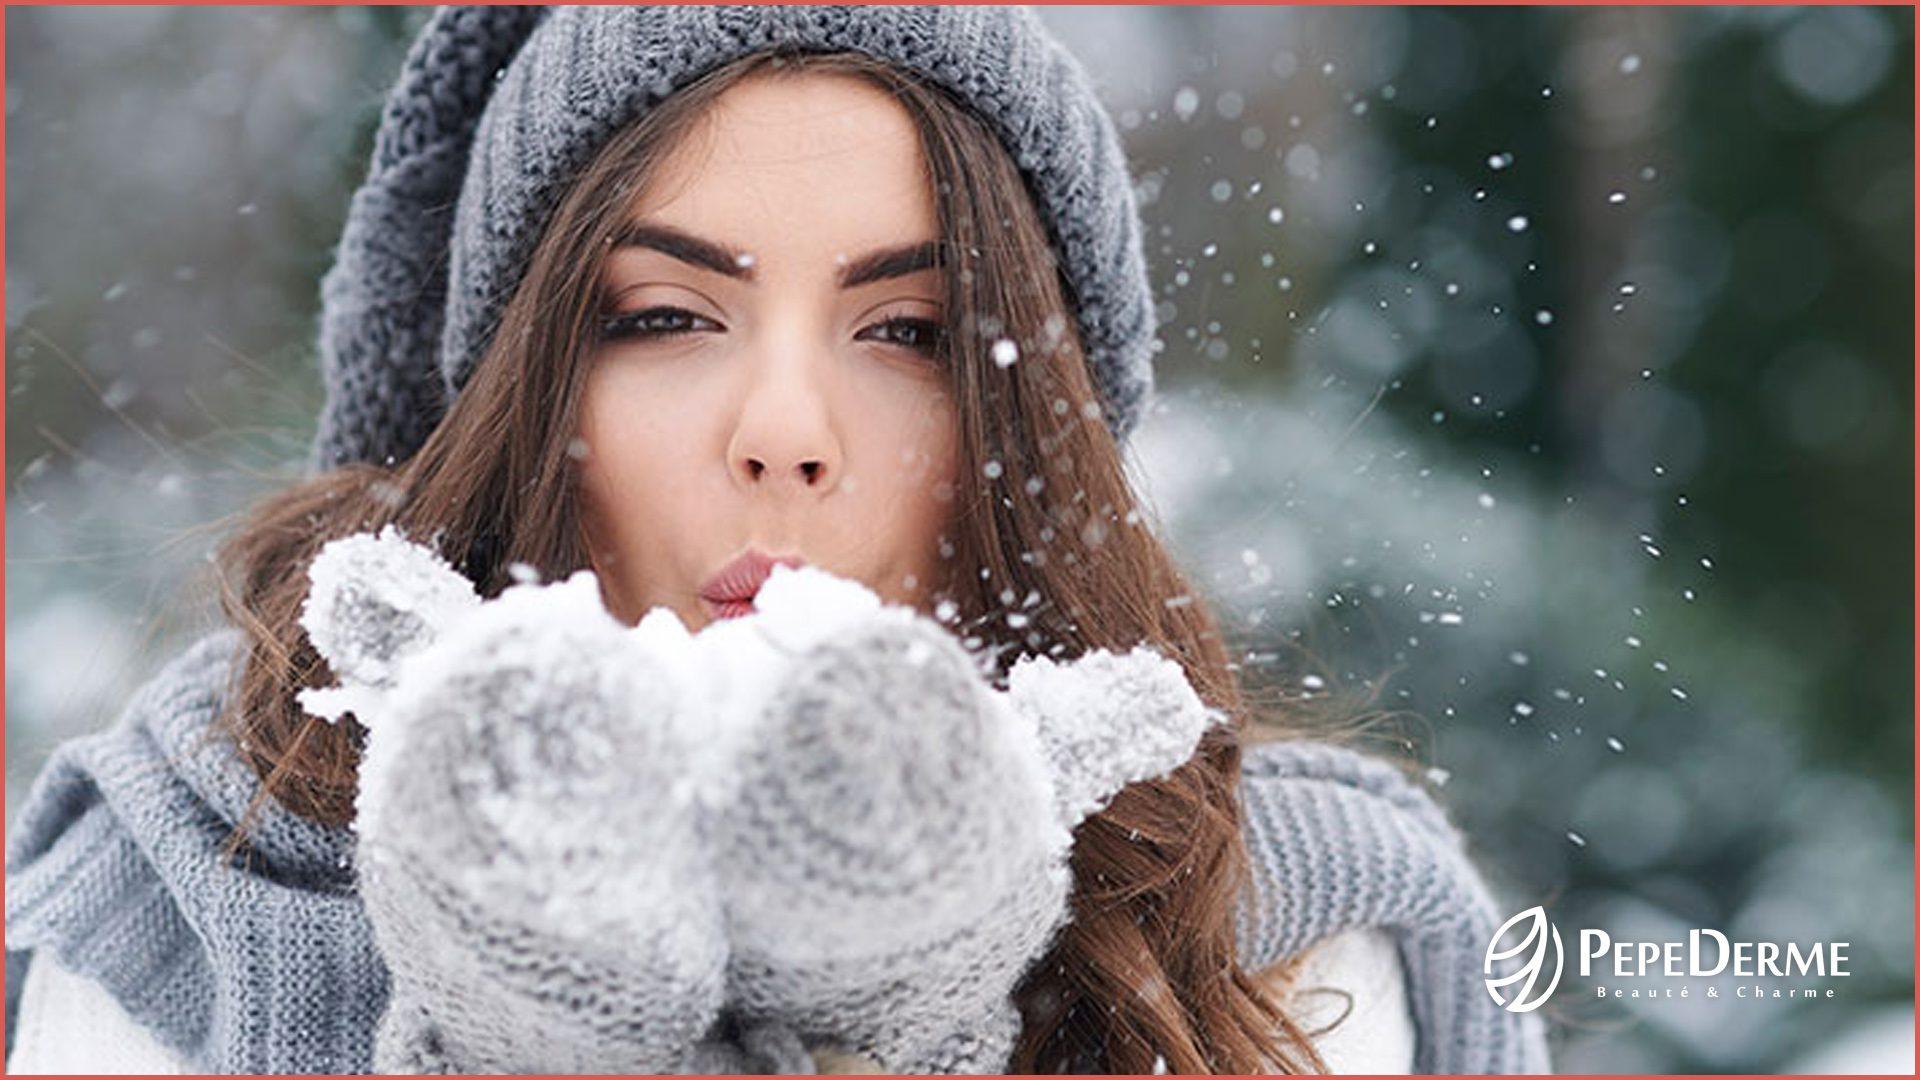 Proč je tak důležitá hydratace pokožky Věděli jste, že i mastná pokožka potřebuje hydratovat? Správná péče a vhodný produkt může pokožce pomoci dýchat a zářit.